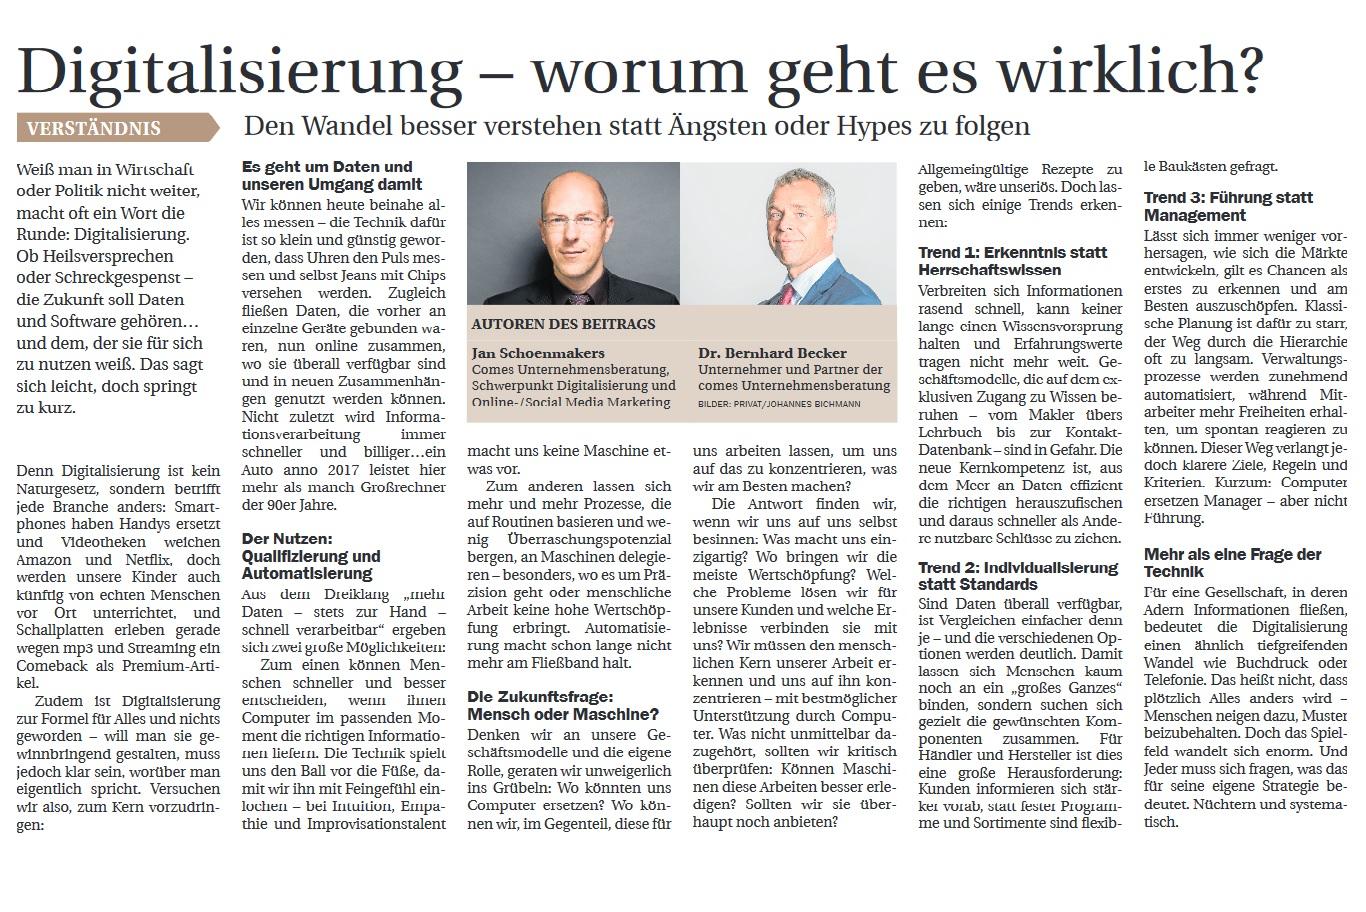 Artikel zum Thema Digitalisierung aus der Nordwest-Zeitung November 2017